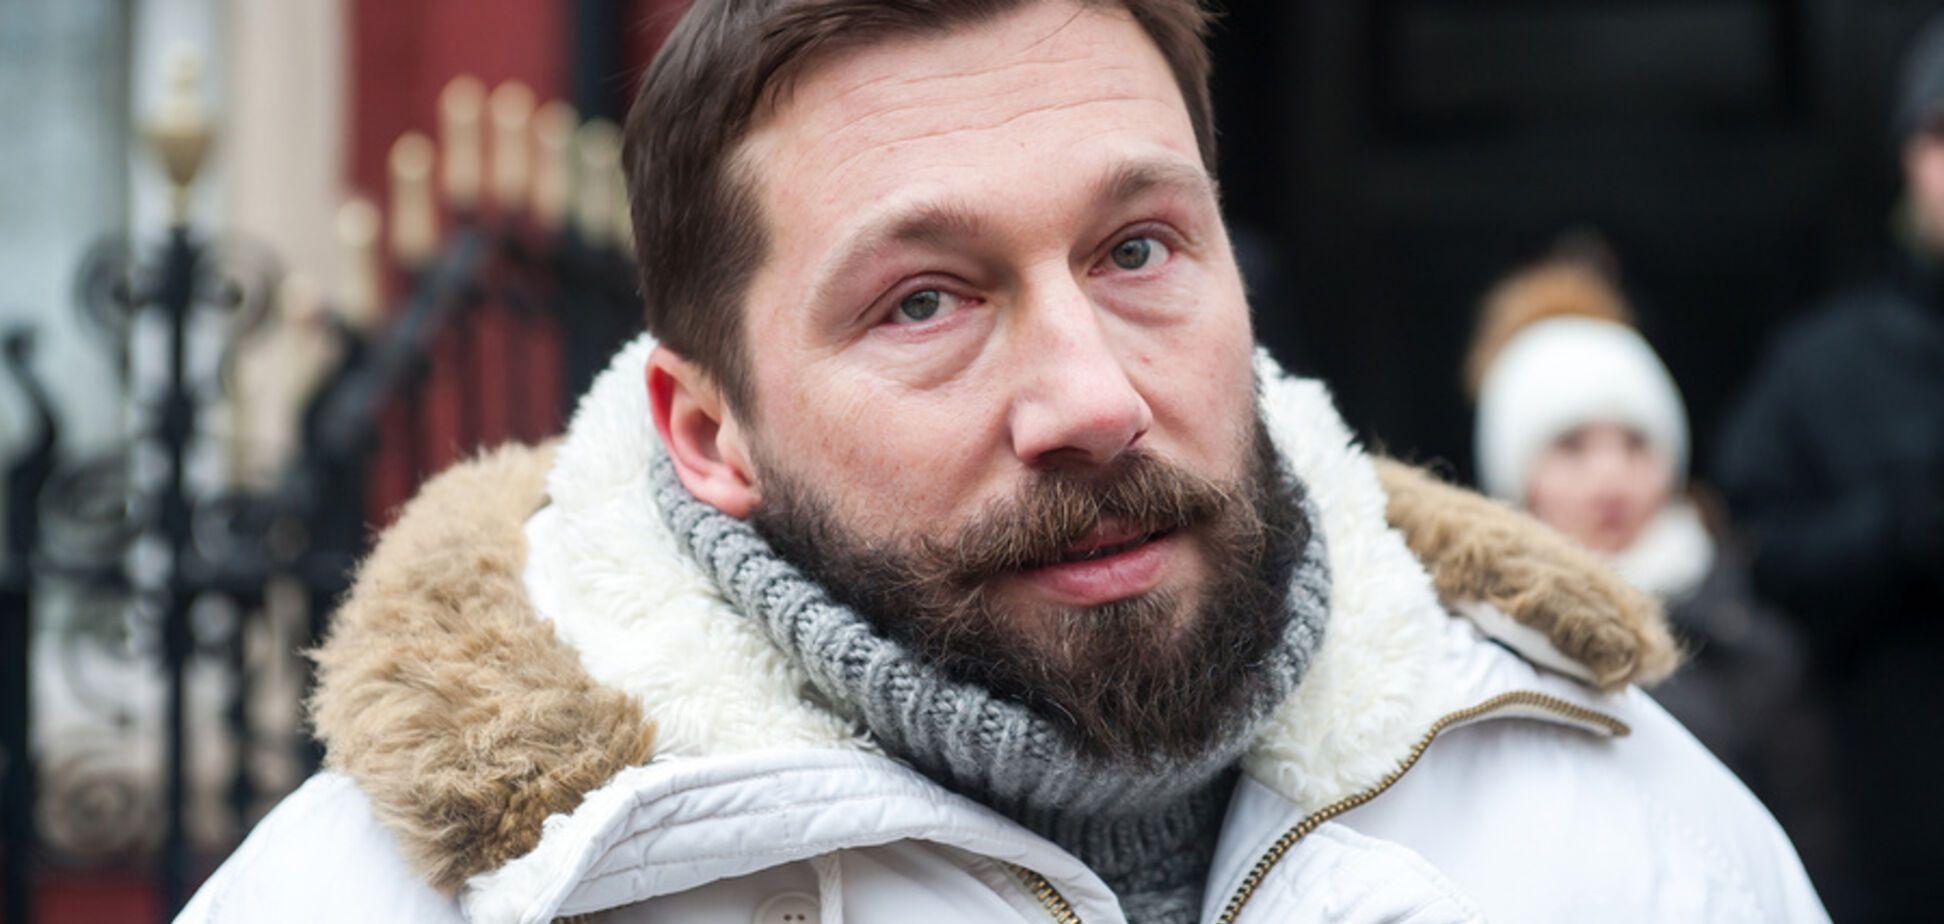 'Идите на х*й со своей войной!' Российский бизнесмен жестко осудил 23 февраля